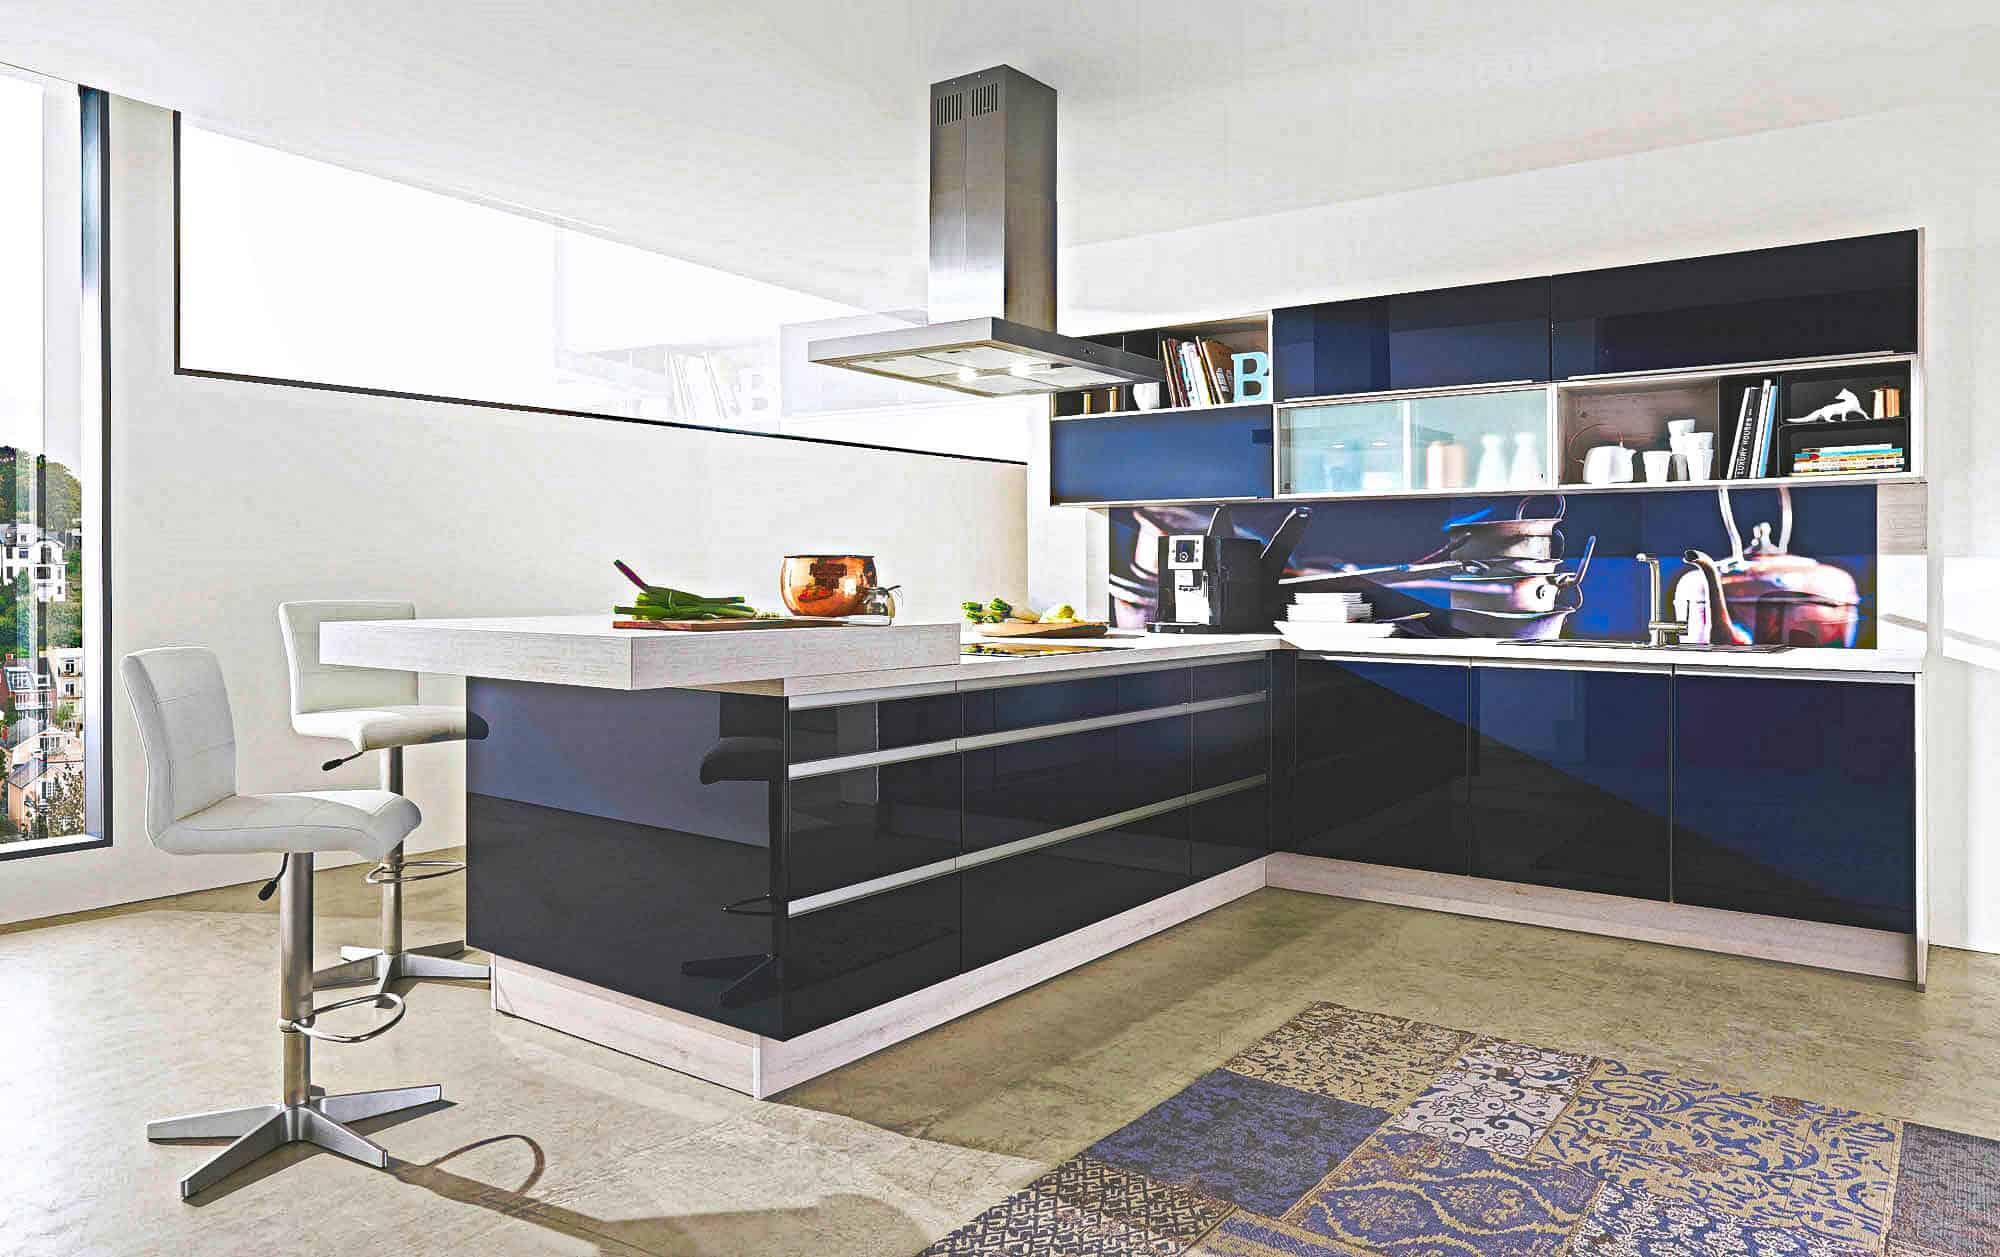 L Küchen preiswert kaufen - Küchenbörse - L Küche ab 10 Tagen ...